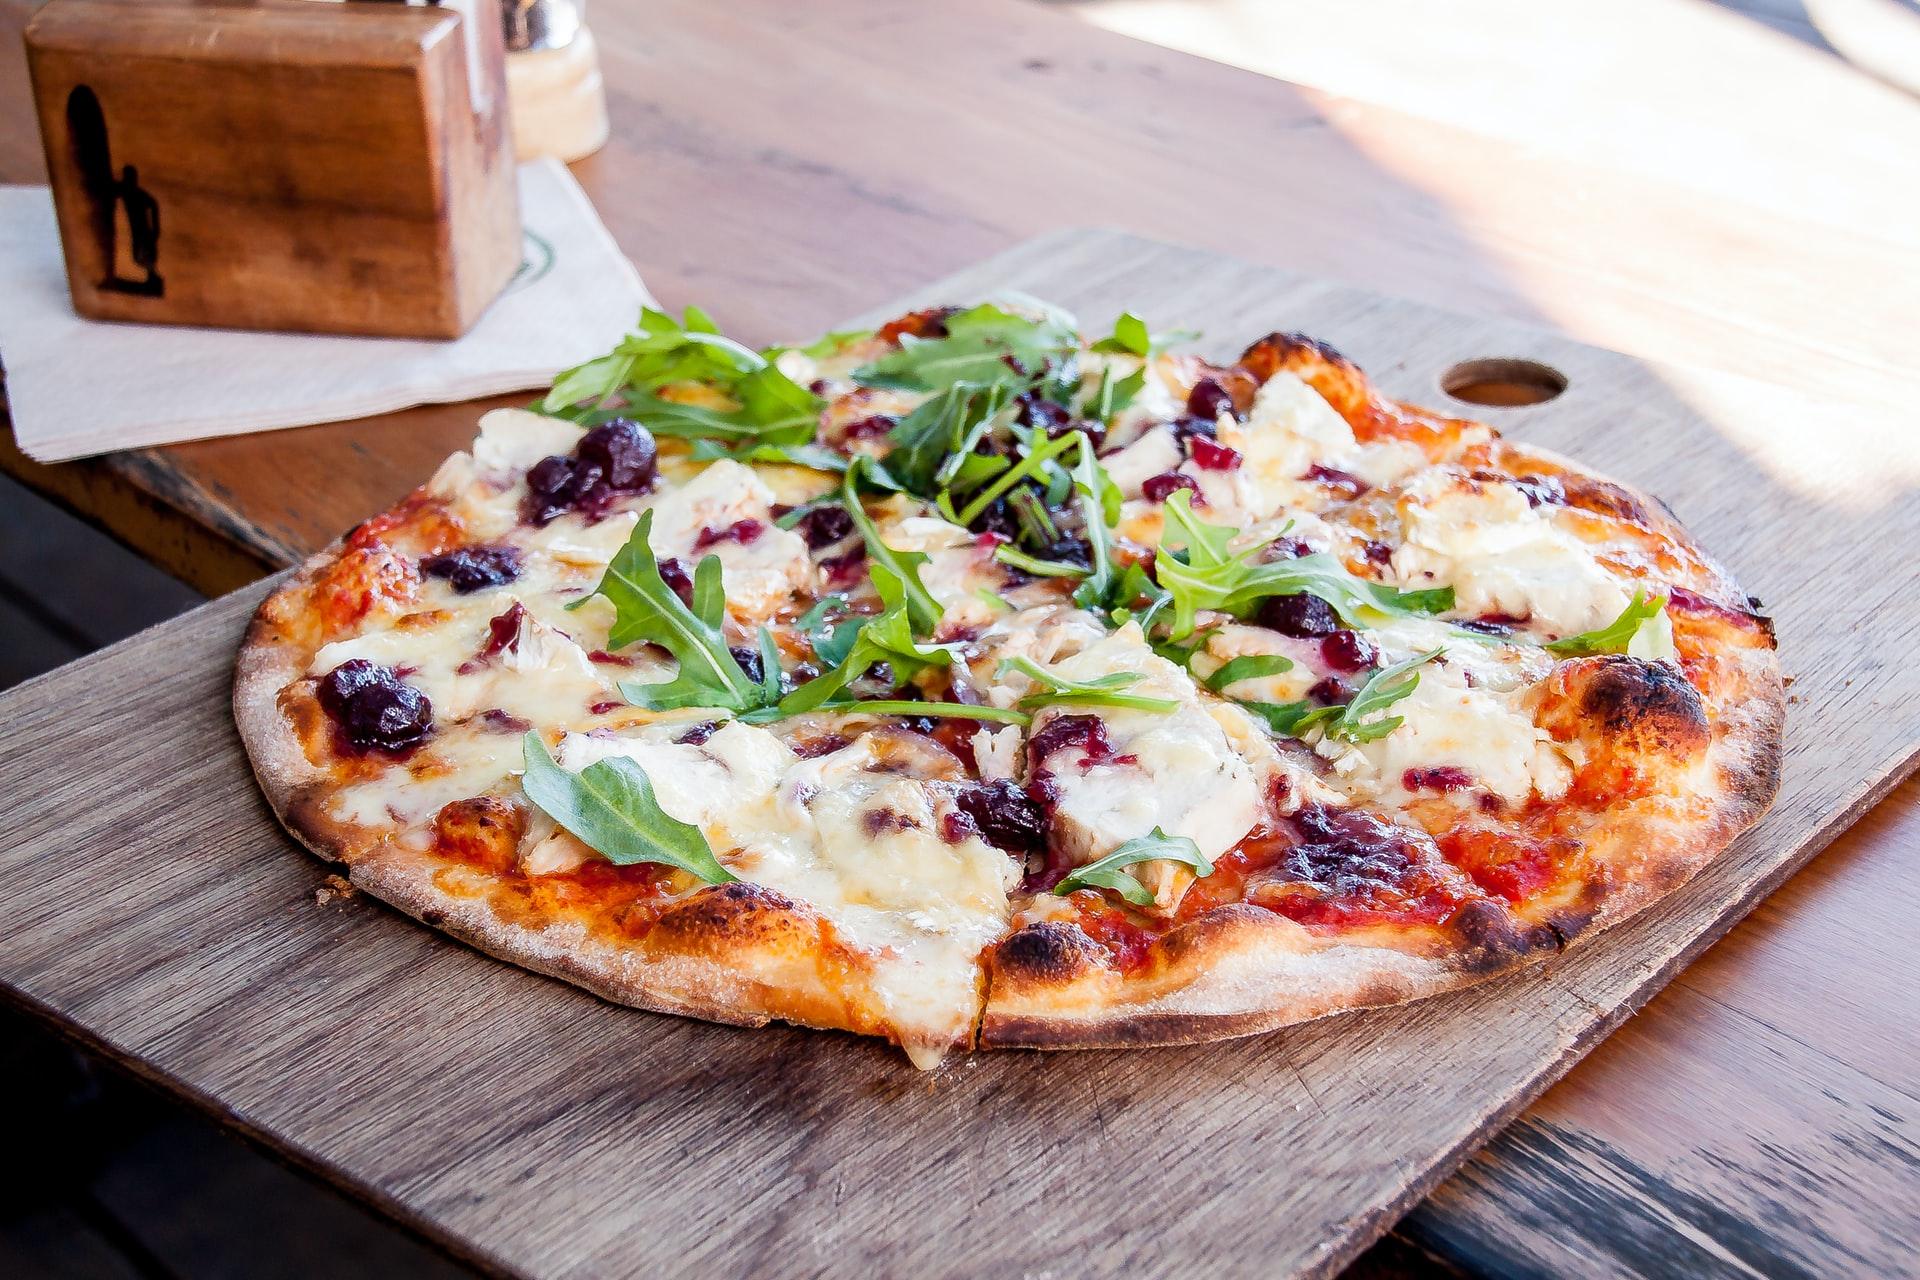 Best Deals on Pizzas in Edmonton